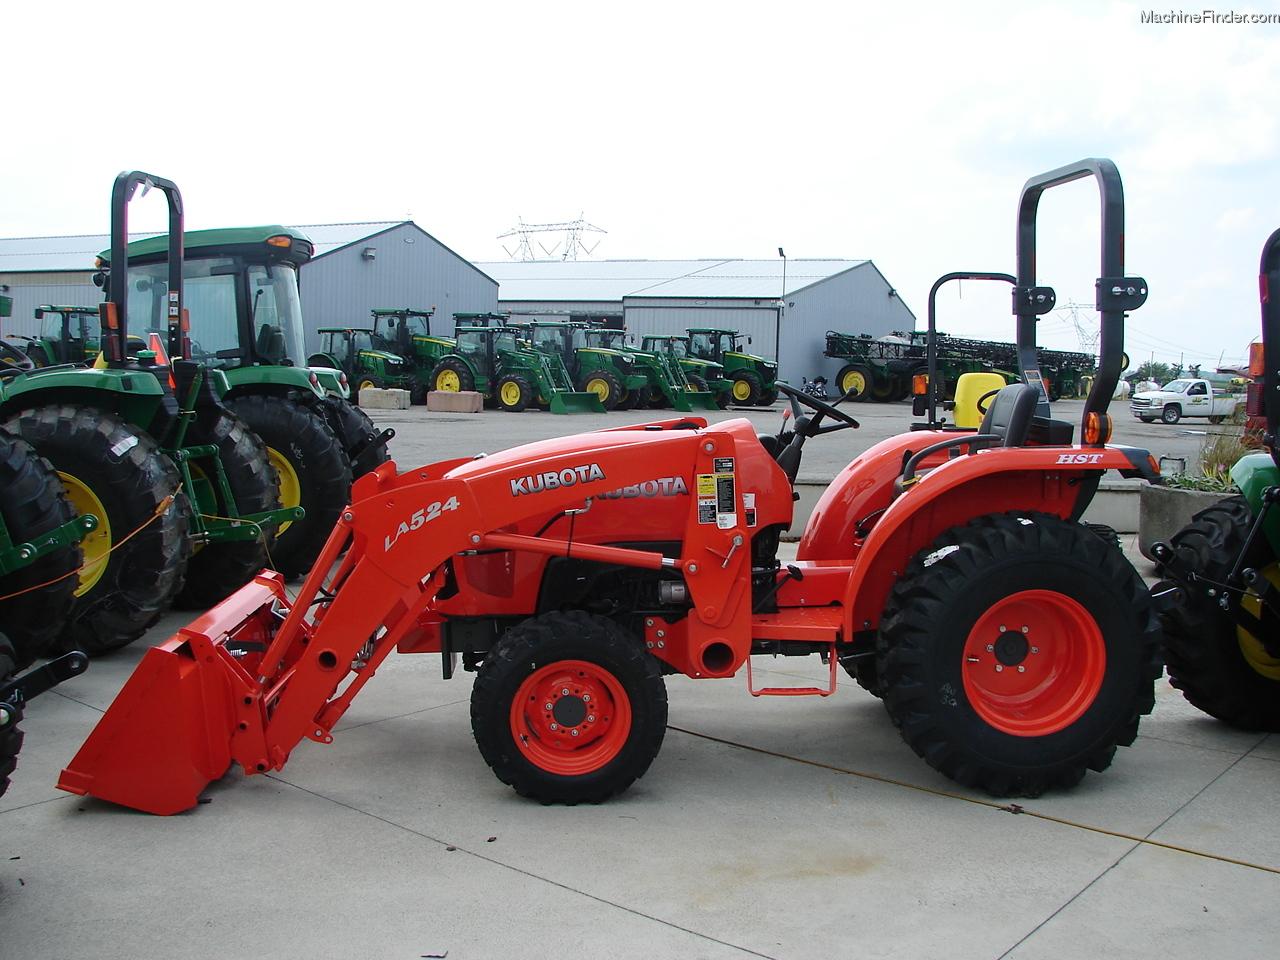 2014 Kubota L3800 Tractors - Compact  1-40hp